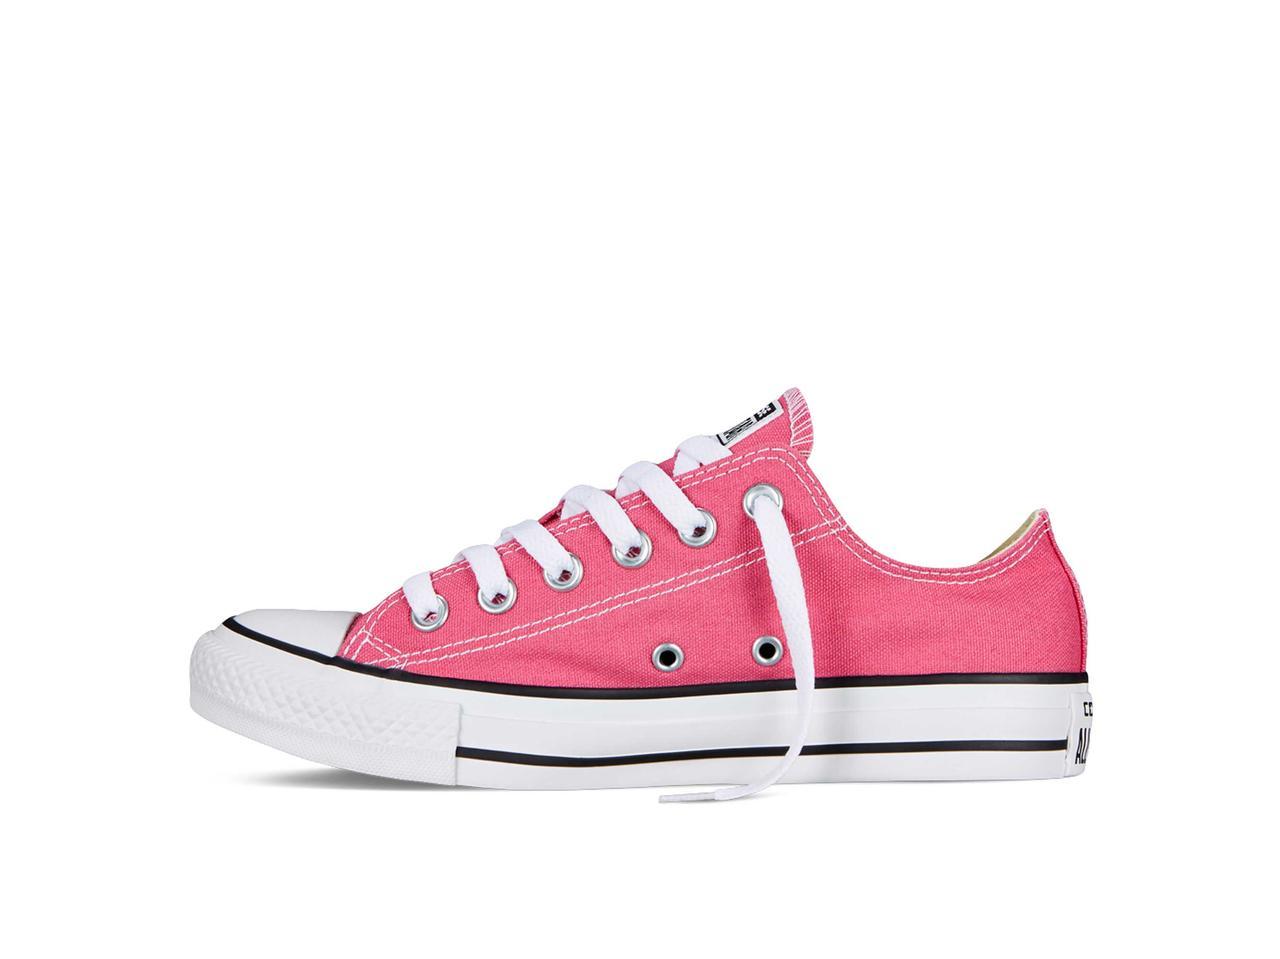 Кеды Converse розовые женские подростковые All Star Chuck Taylor